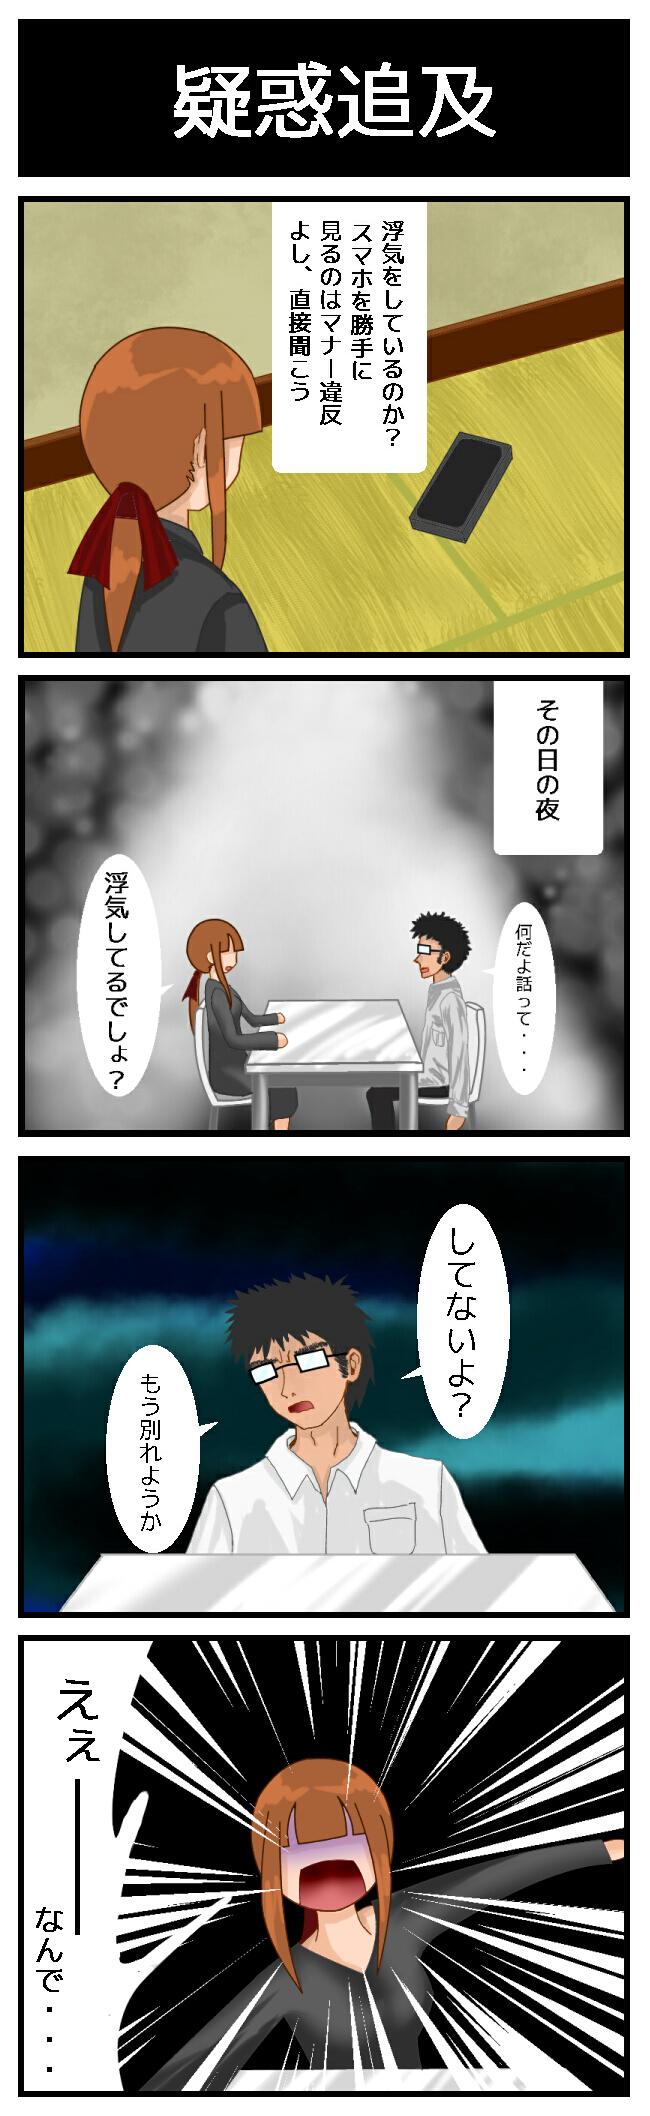 式条梨々子漫画 疑惑追及